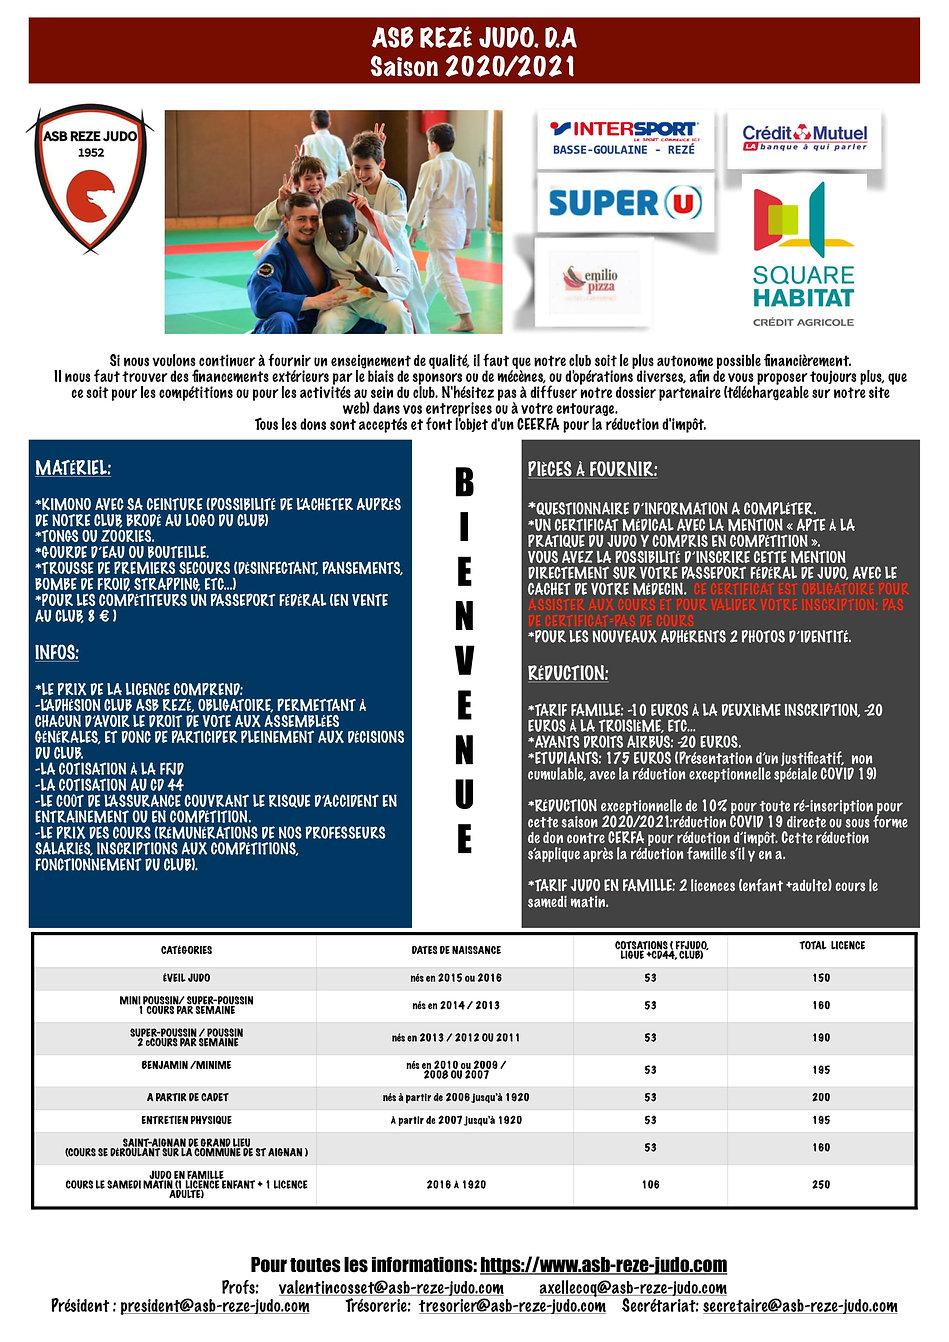 Informations judo 2020 2021 (2)-1.jpg